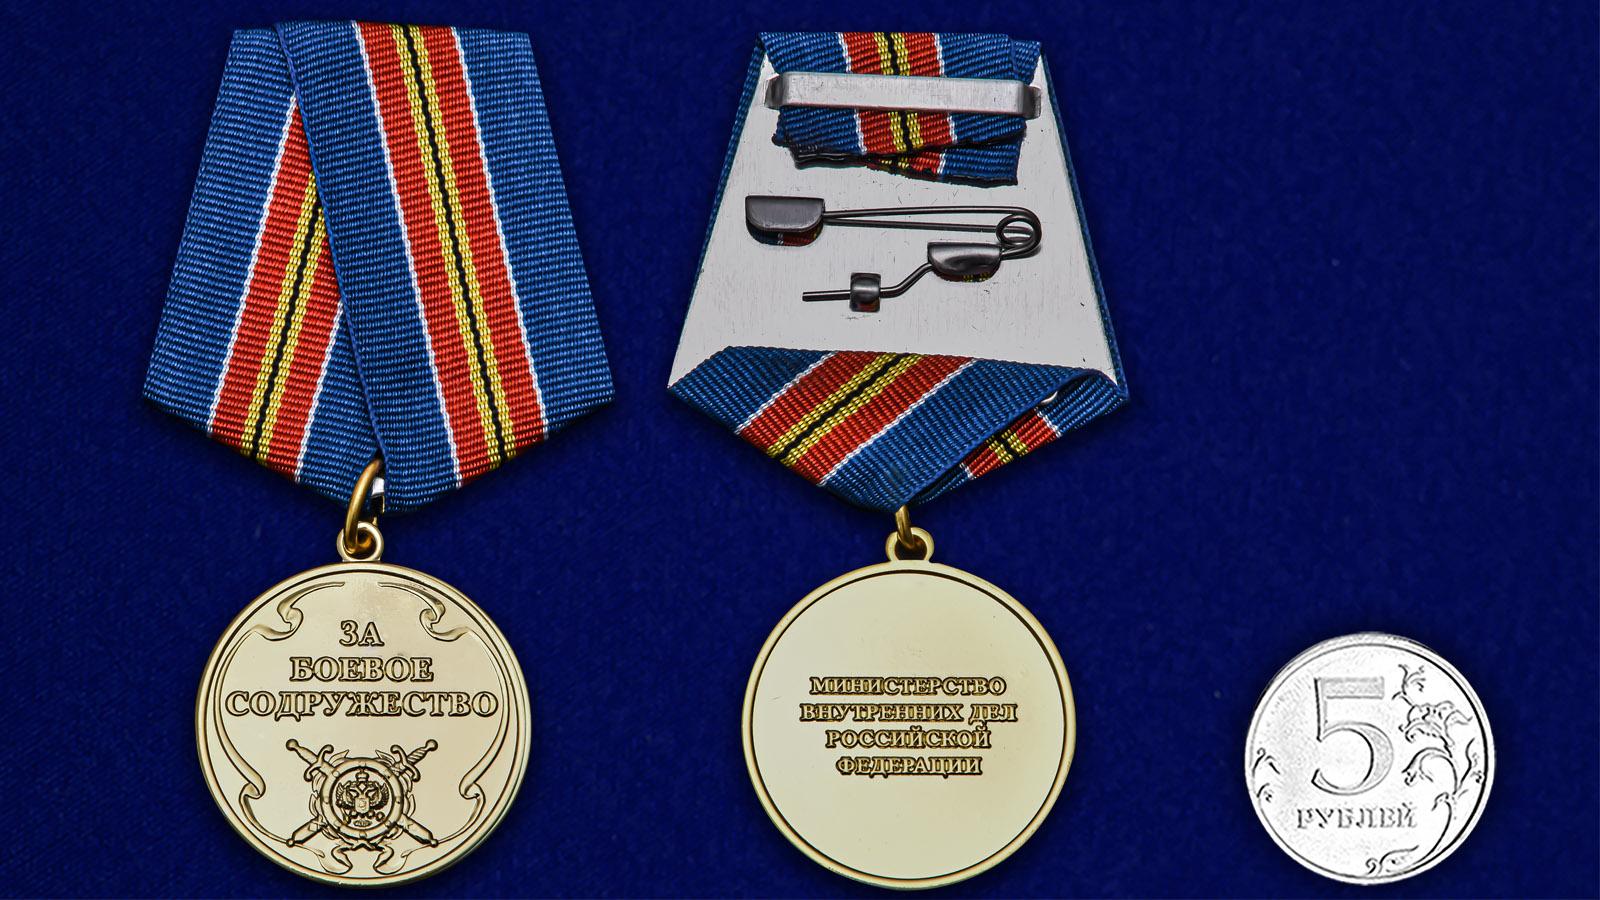 Наградная медаль За боевое содружество (МВД) - сравнительный вид